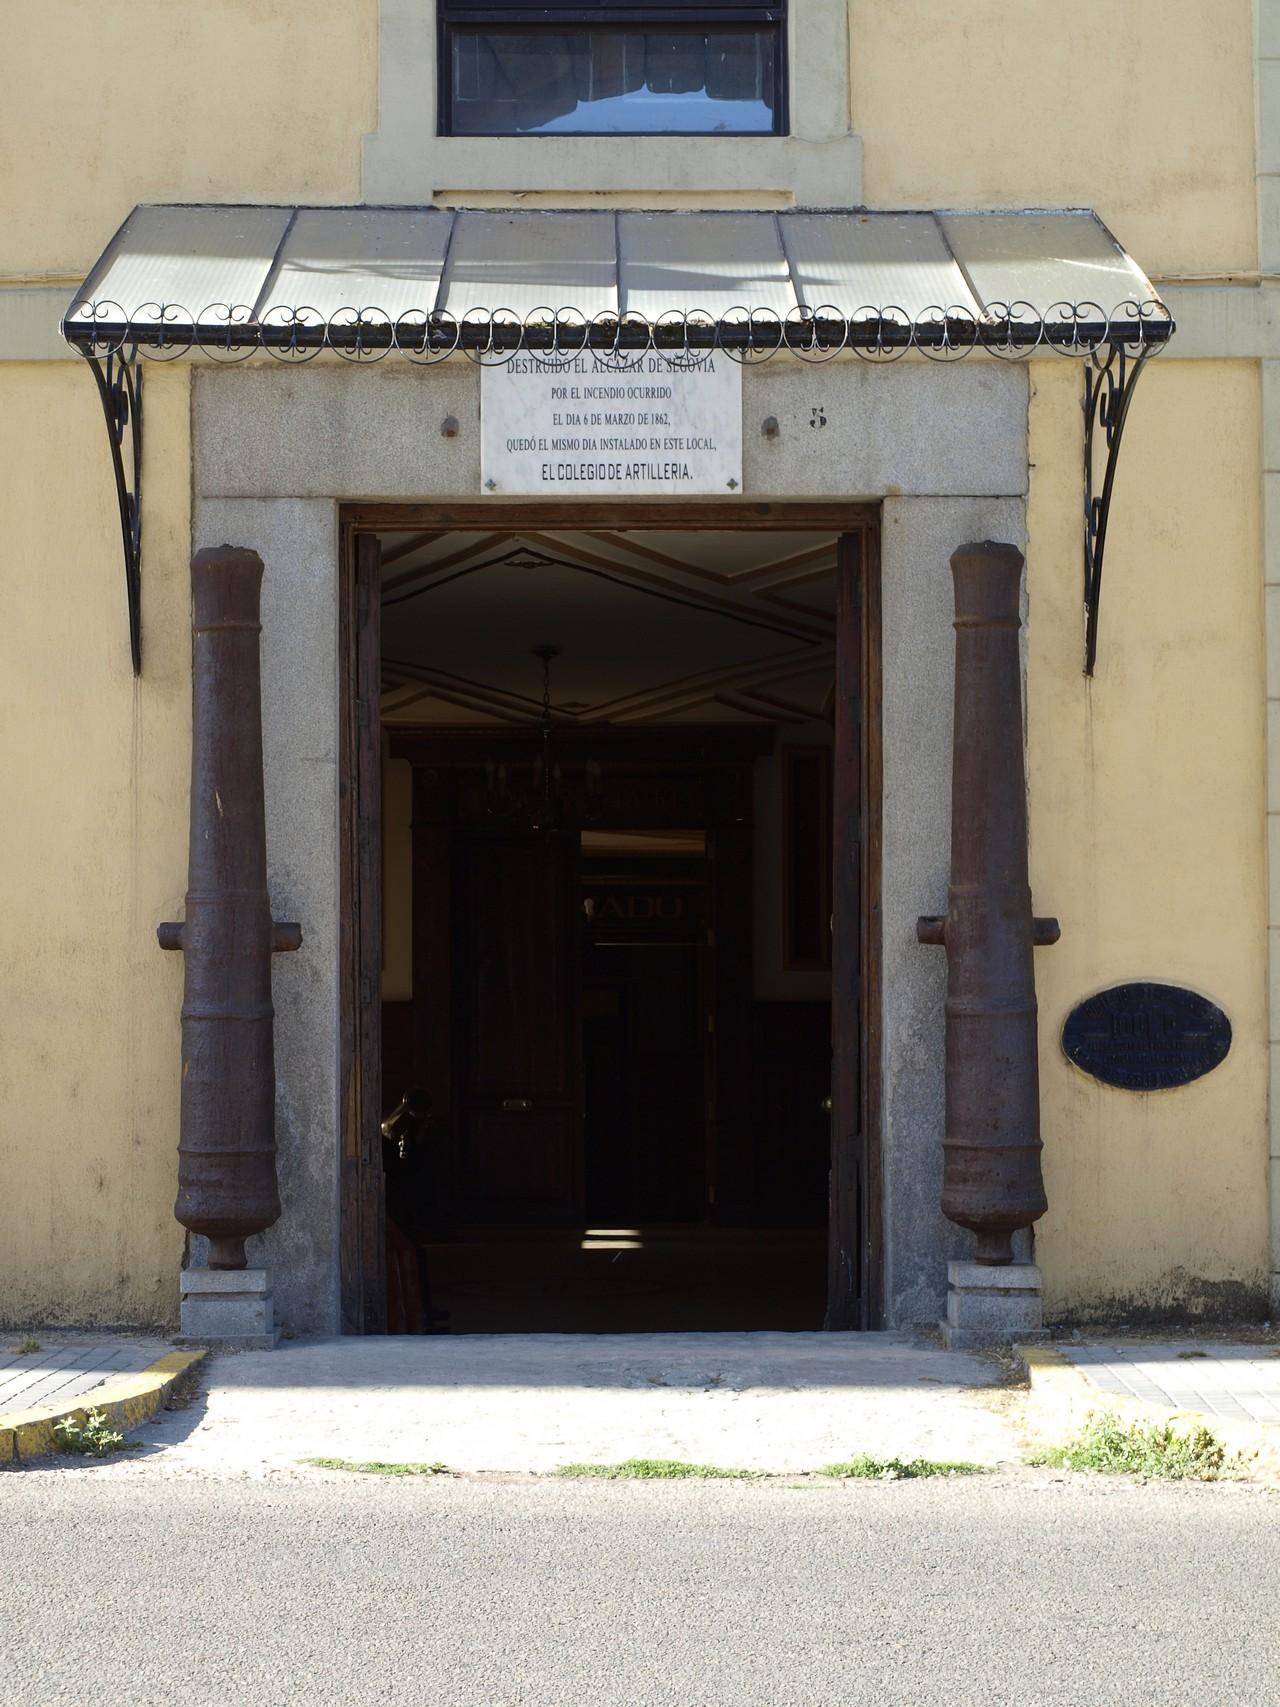 Puerta de Día Sanz, 2011. 19.- ACADEMIA DE ARTILLERÍA, BIBLIOTECA. La ACART en 2011 (fotografía realizada por D. Ángel Sanz Andrés).